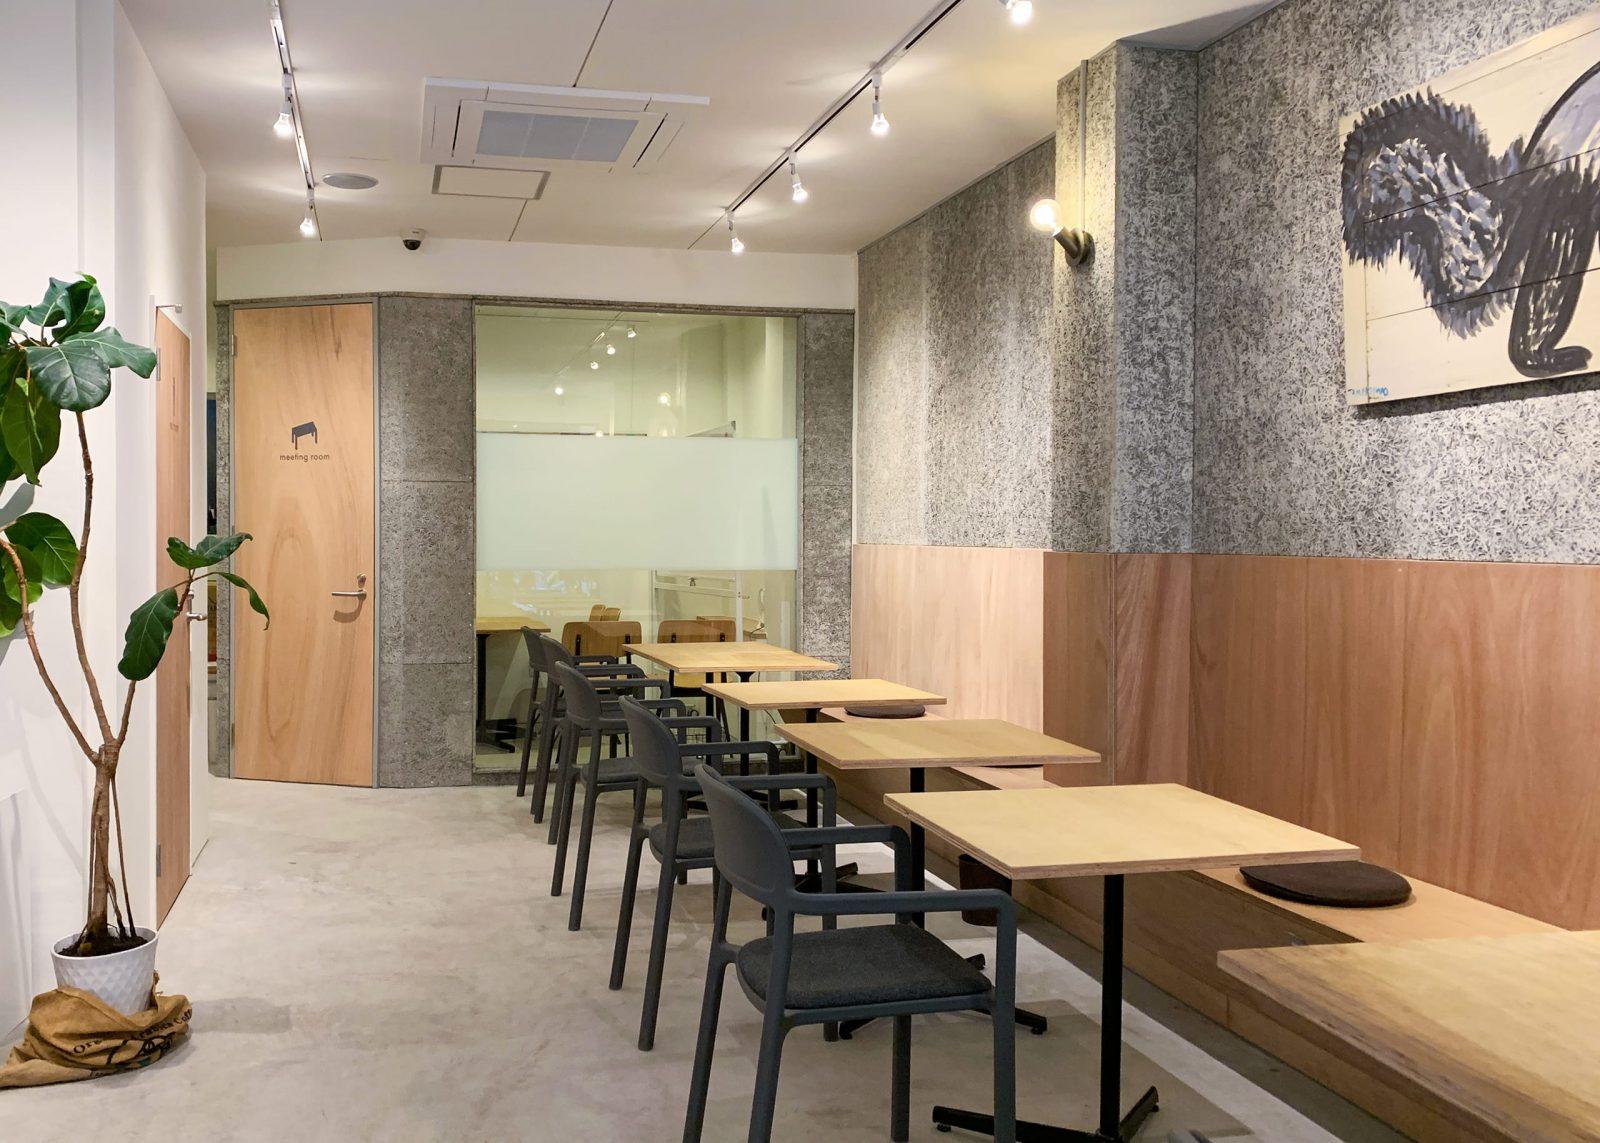 大阪にあるGOOD OFFICEは、大阪市中央線・堺筋本町駅から徒歩3分の場所にあります。ビジネス街で便利な立地です。